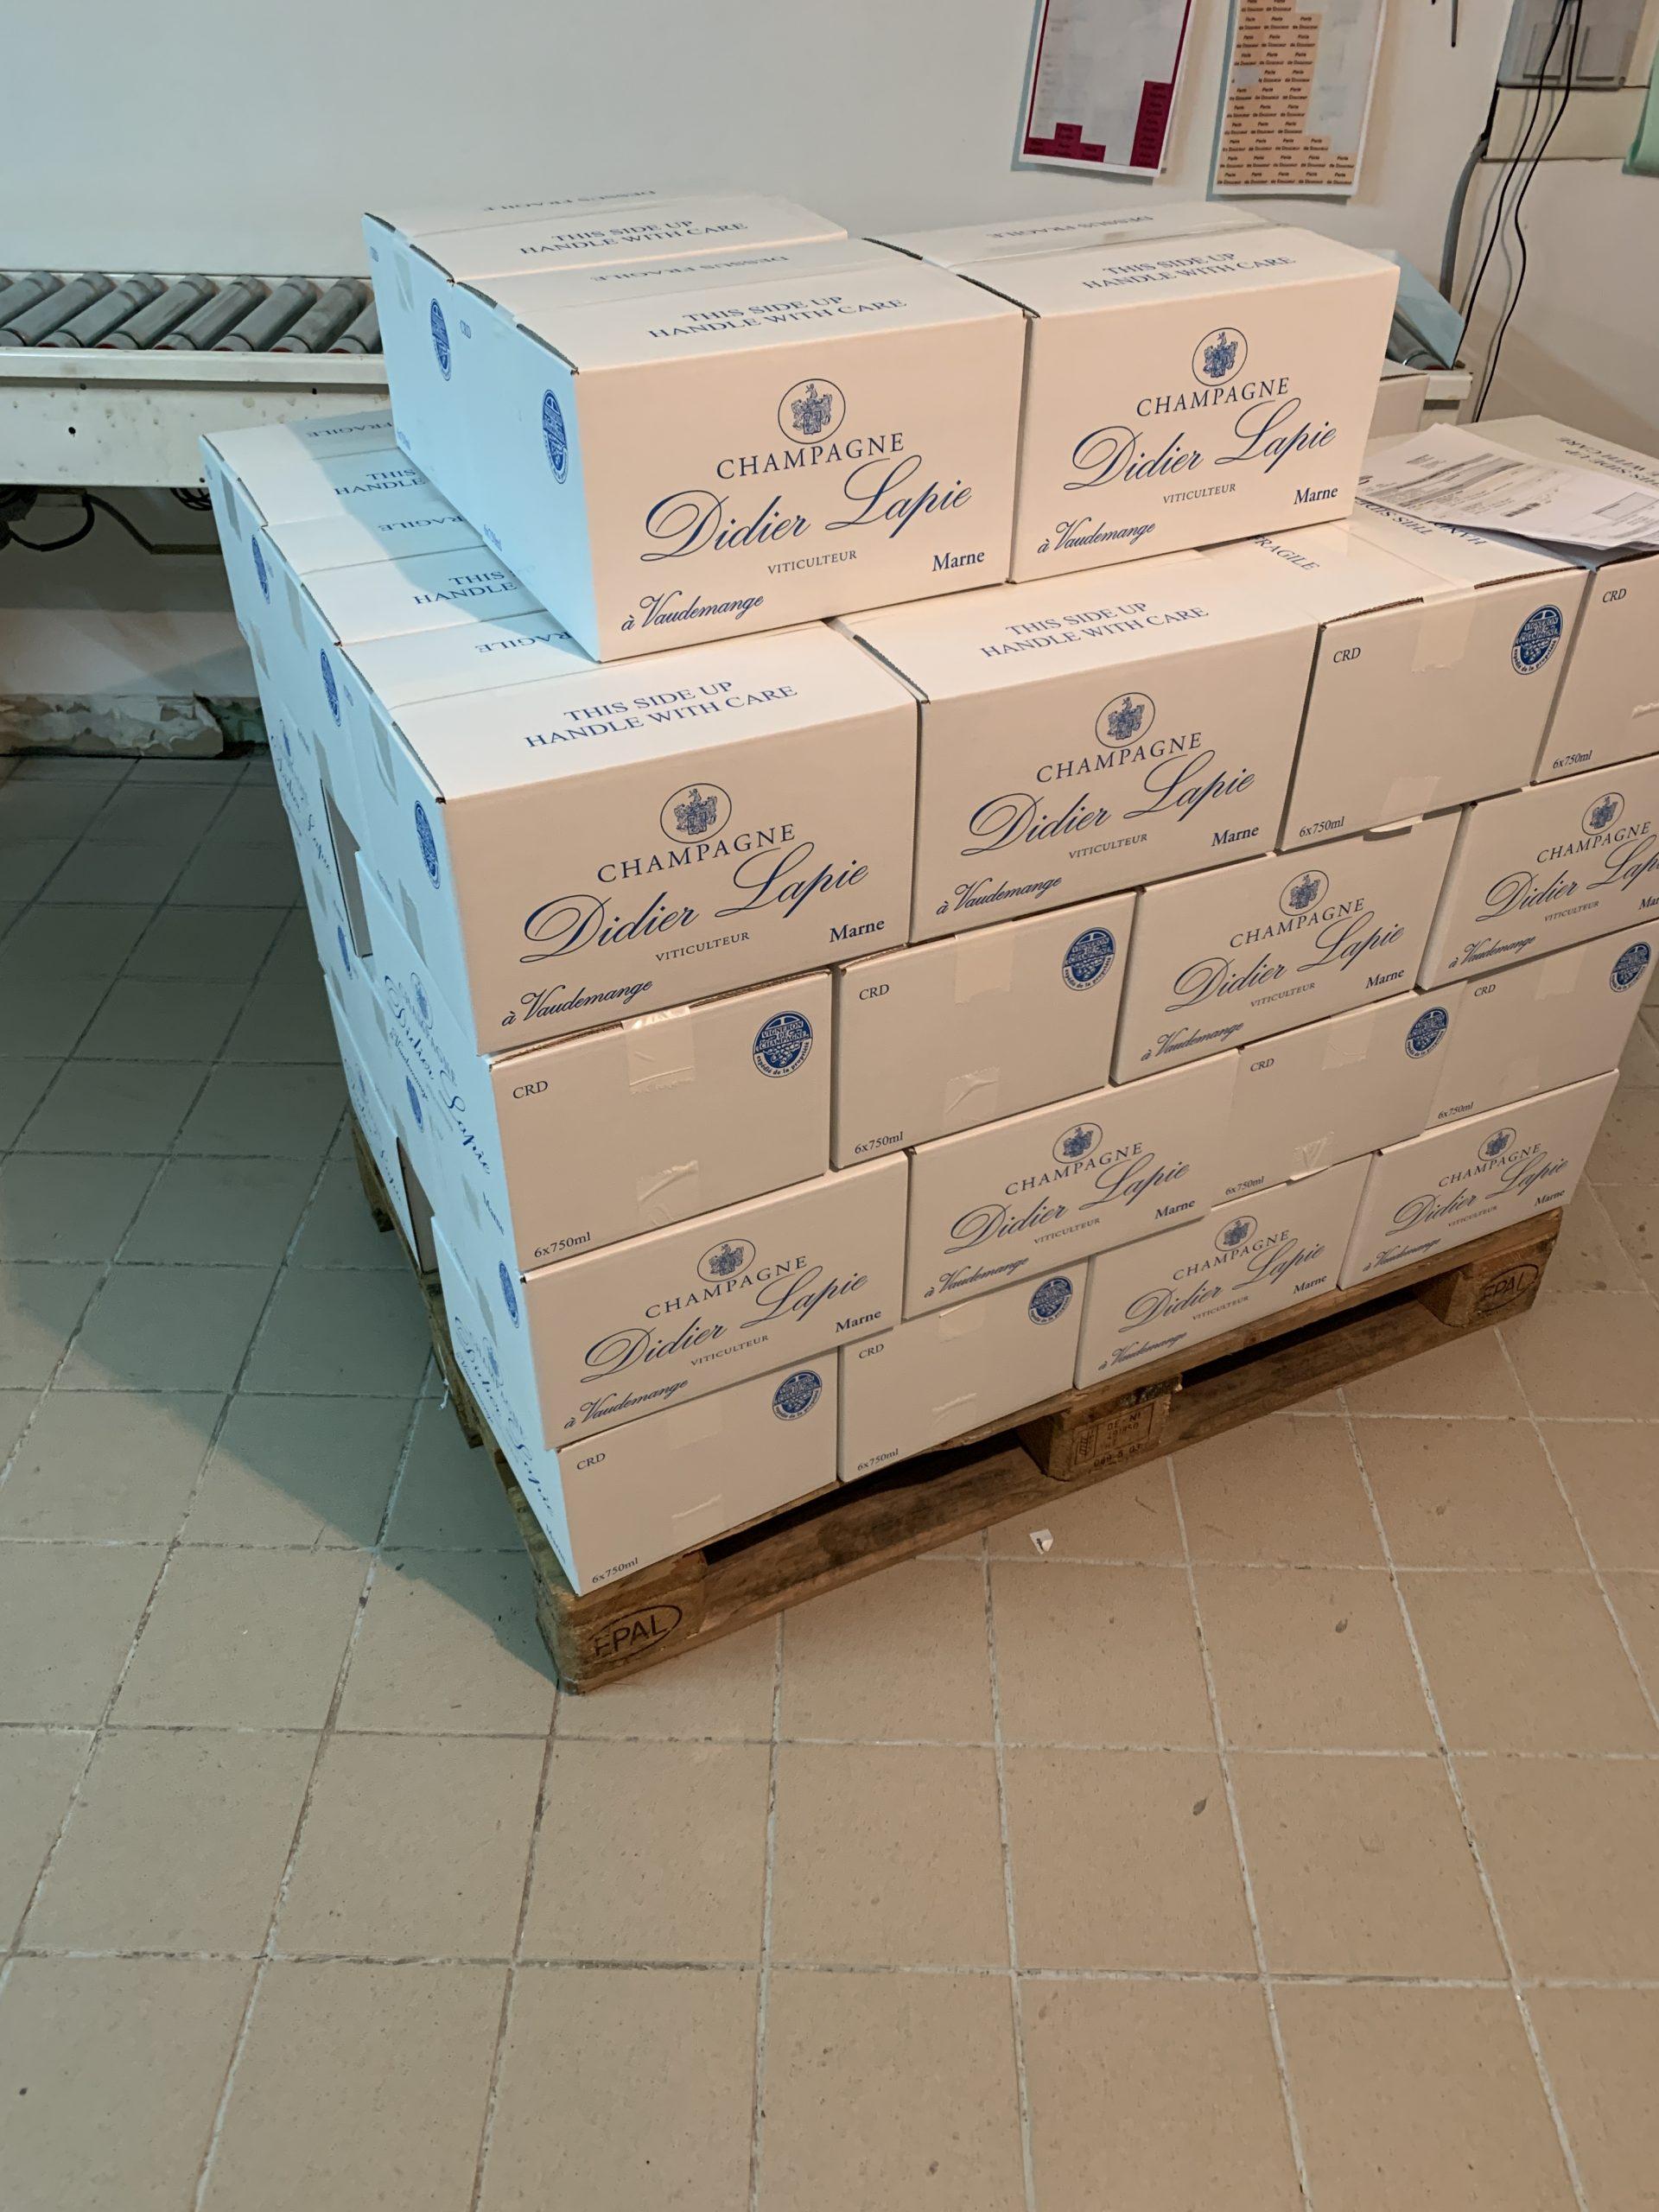 Photographie : Un ensemble de cartons de champagne sur un palette